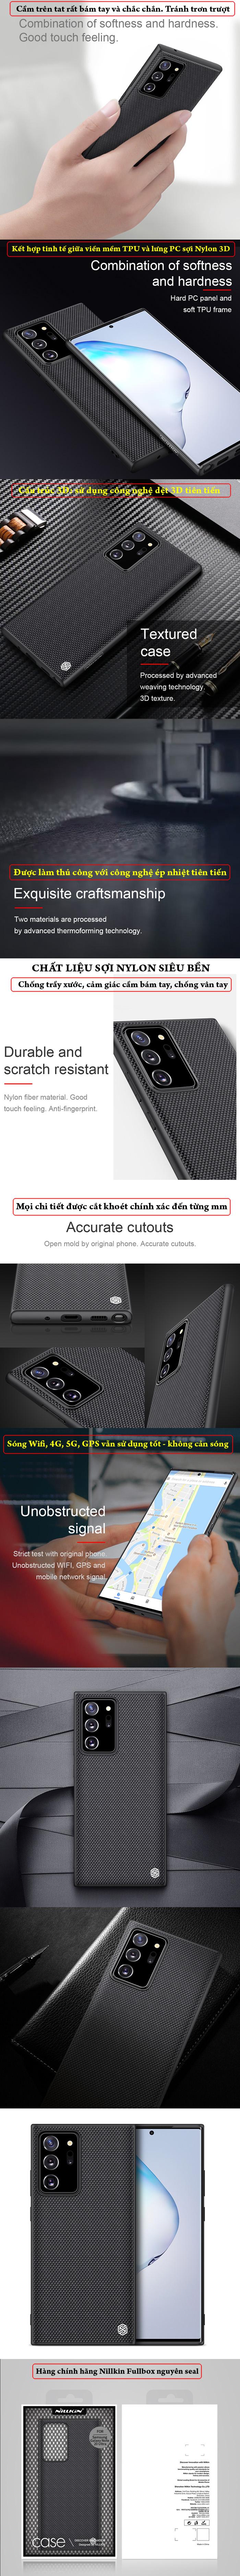 Ốp lưng Note 20 Ultra / 5G  Nillkin Texture 3D Case sợi Nylon siêu mỏng 5